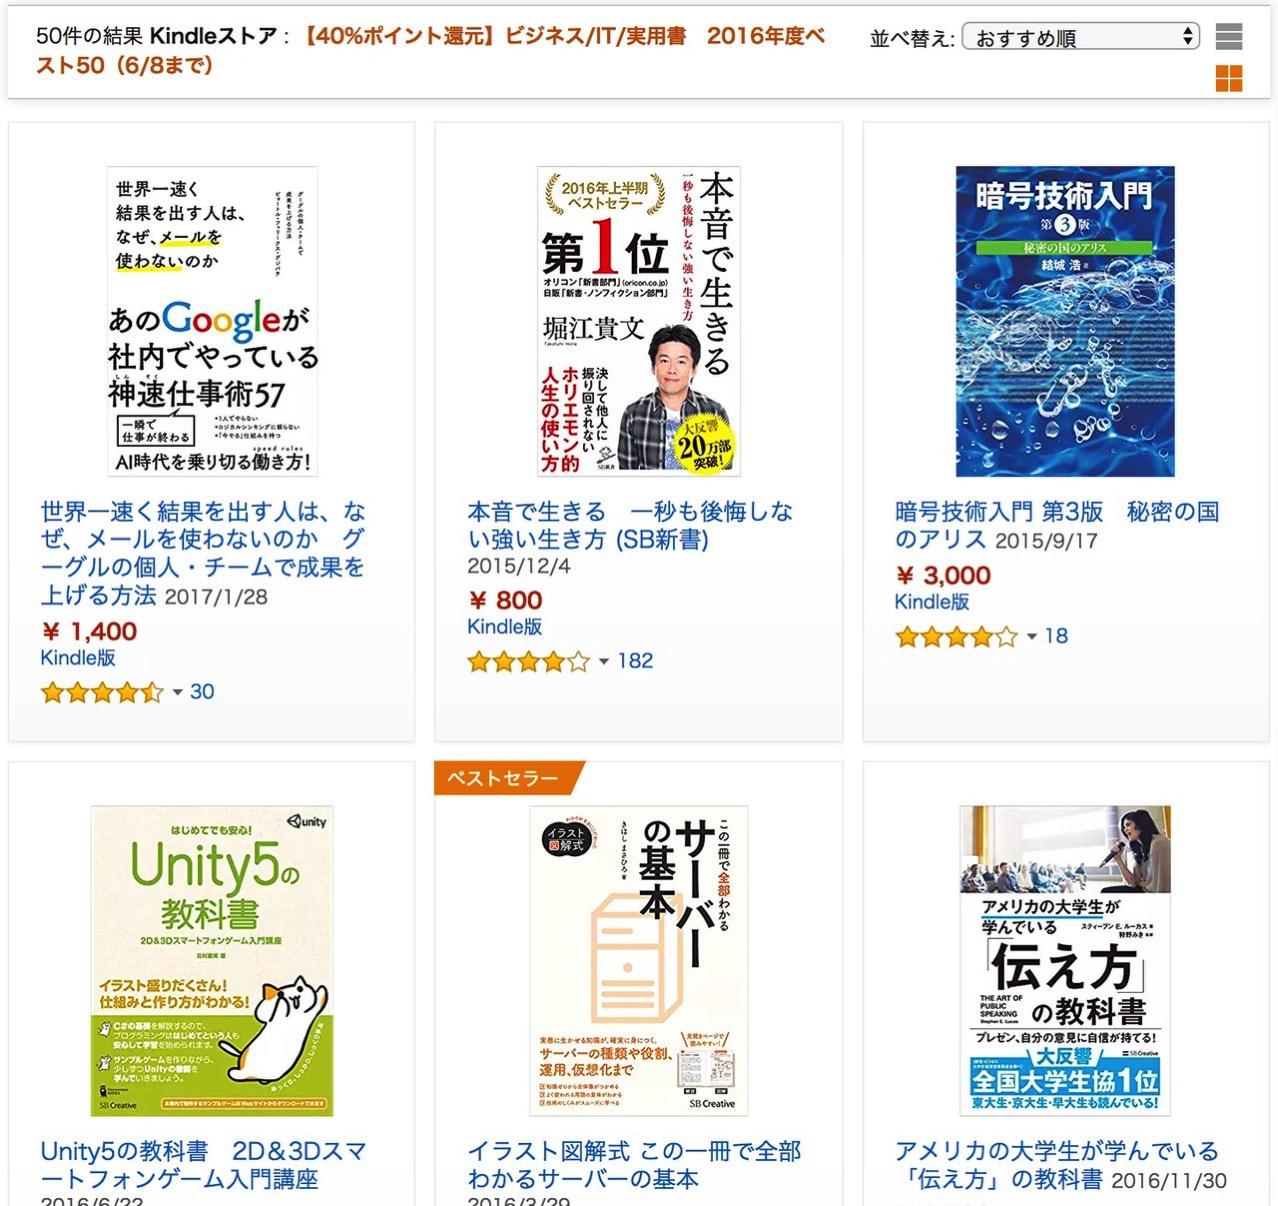 【Kindle】「ビジネス/IT/実用書 2016年度ベスト50」40%ポイント還元中